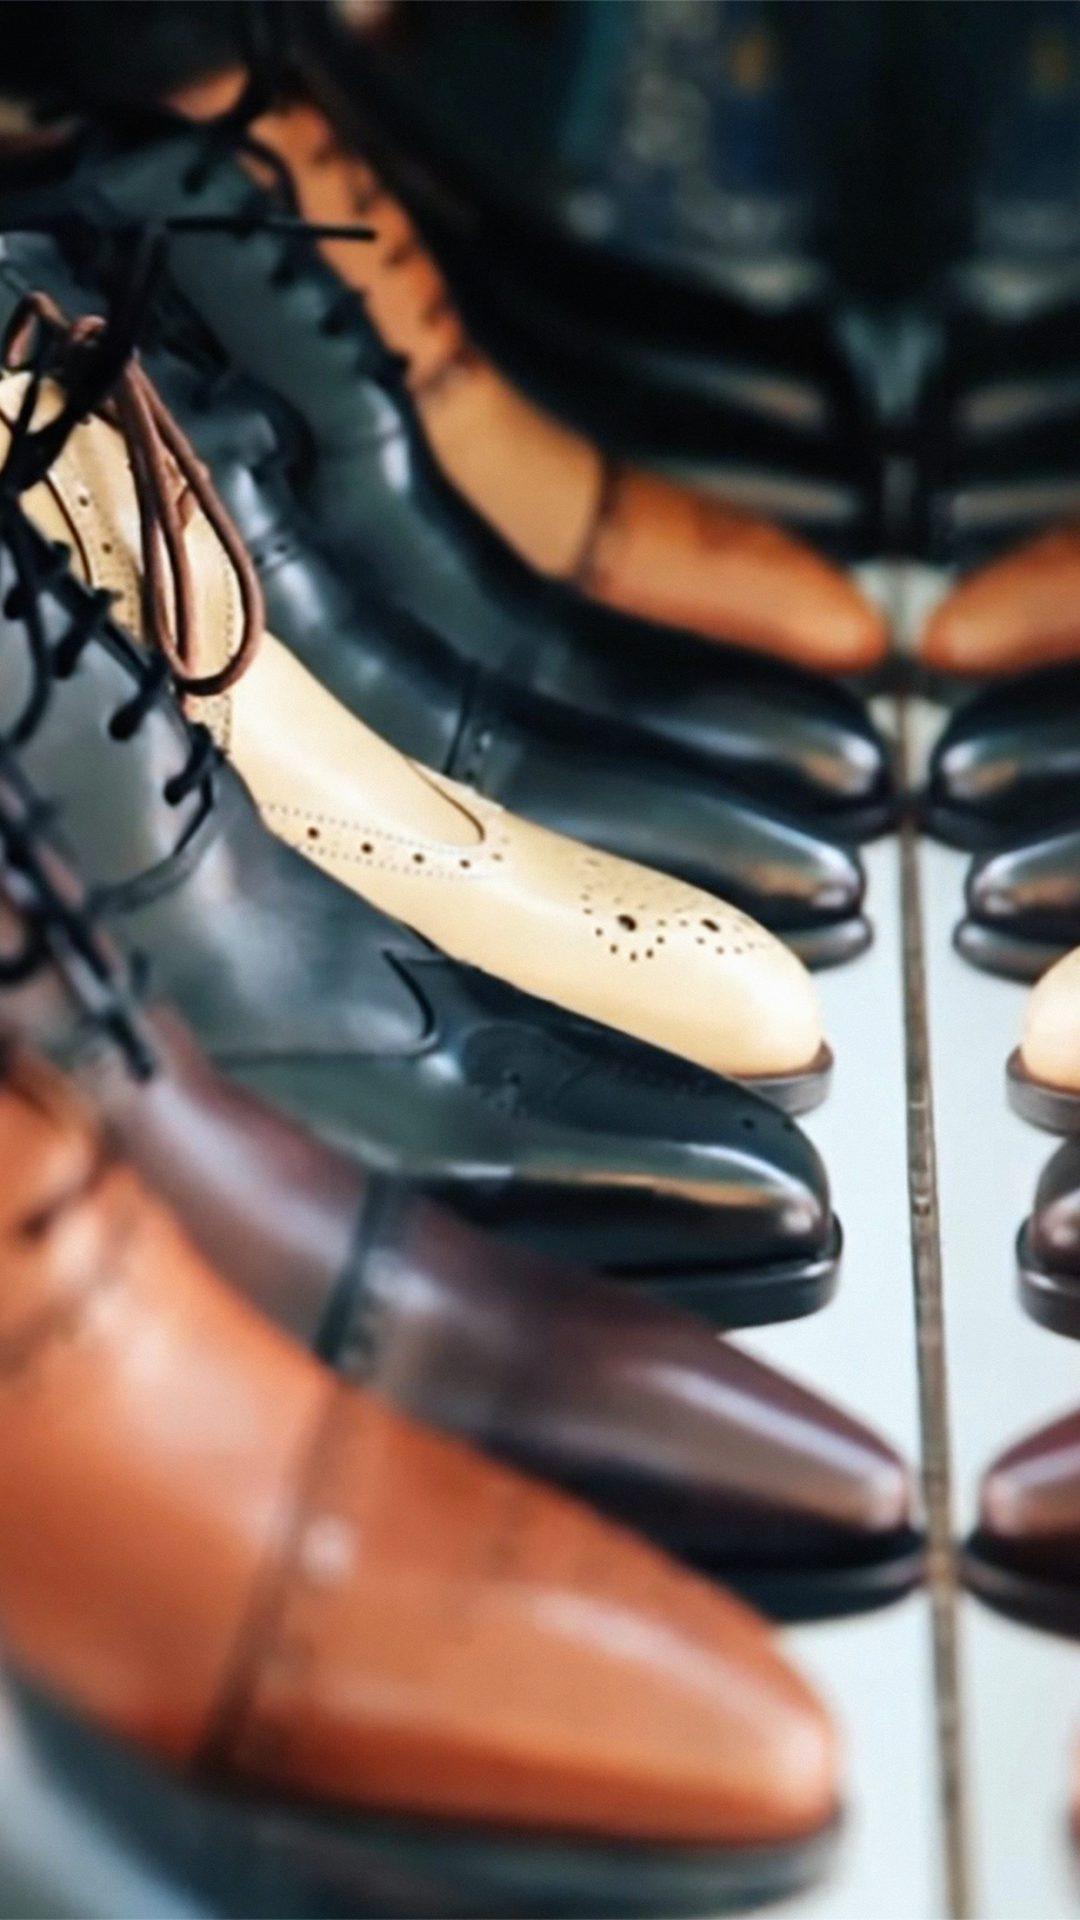 Shoes Shop Fashion Bokeh